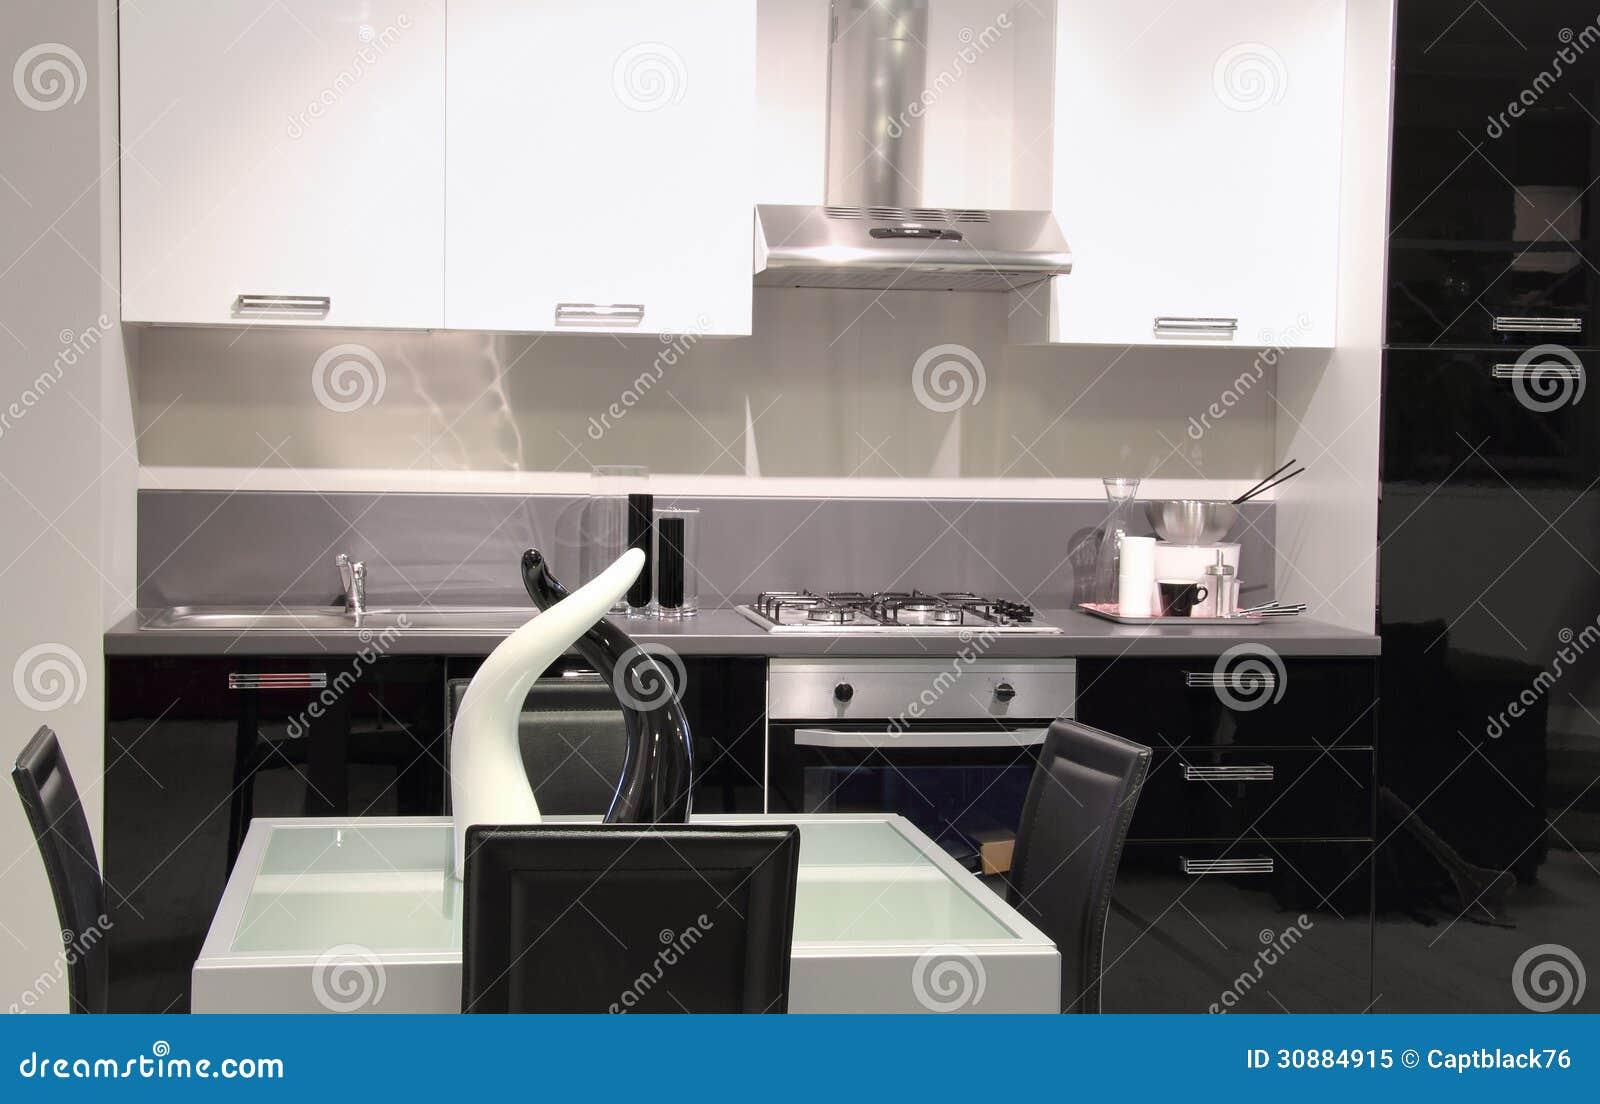 Cuisine moderne avec les couleurs blanches et noires photo libre ...